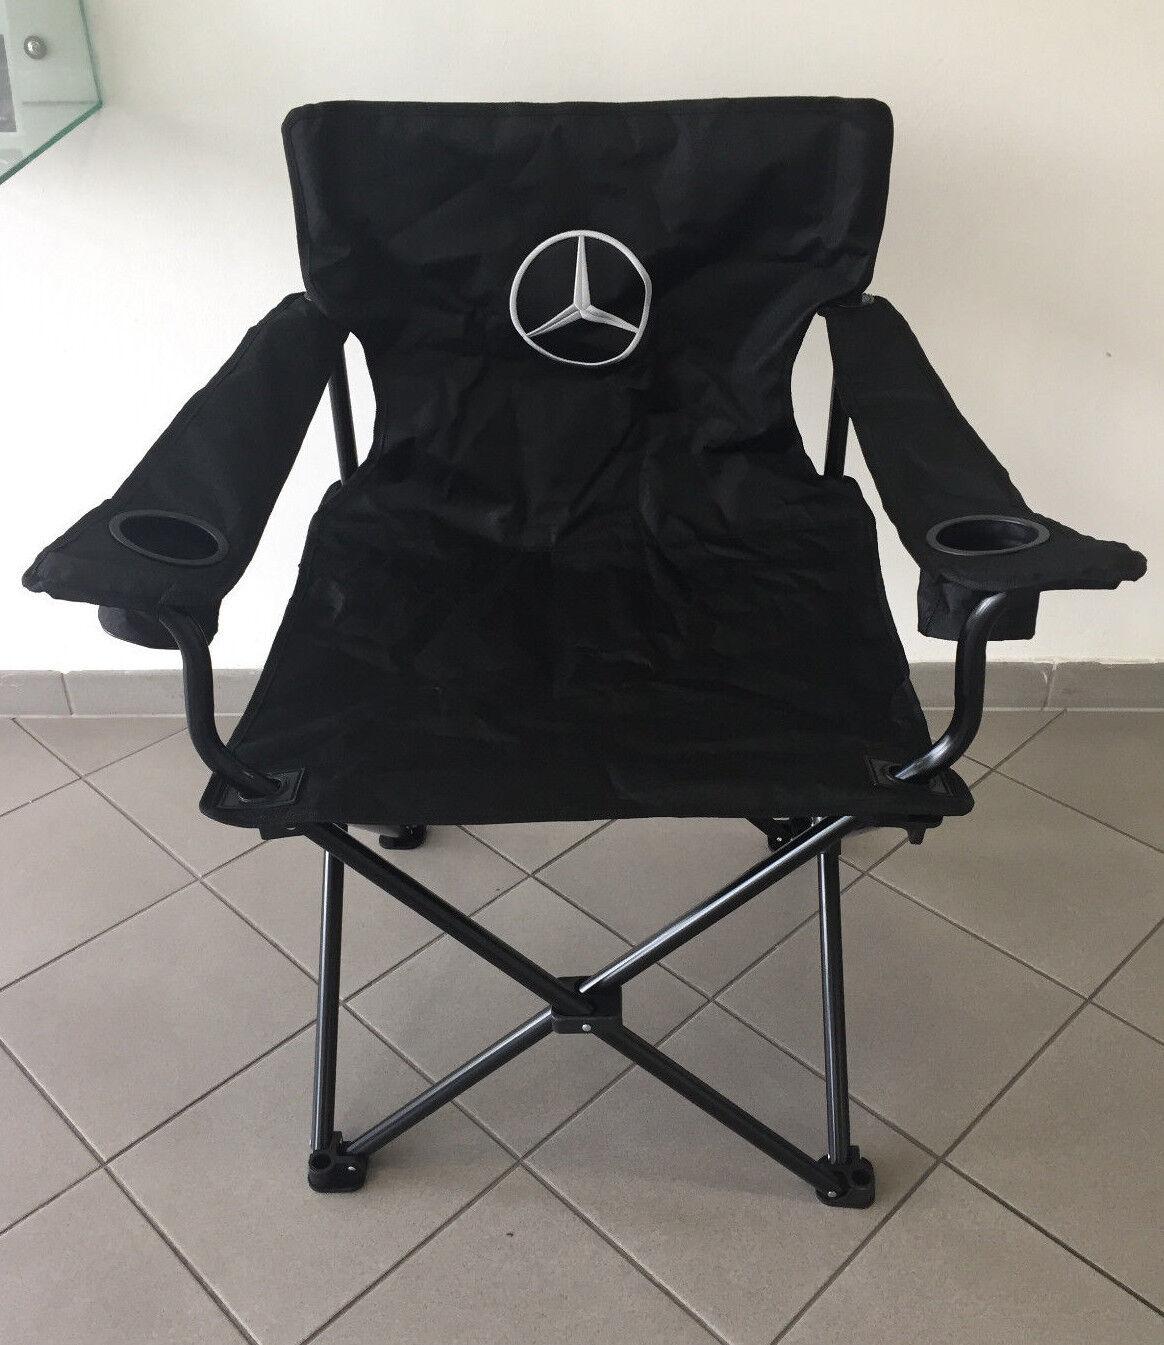 Mercedes-Benz strapazierfähiger Faltstuhl Campingstuhl mit Getränkehalter m.LOGO